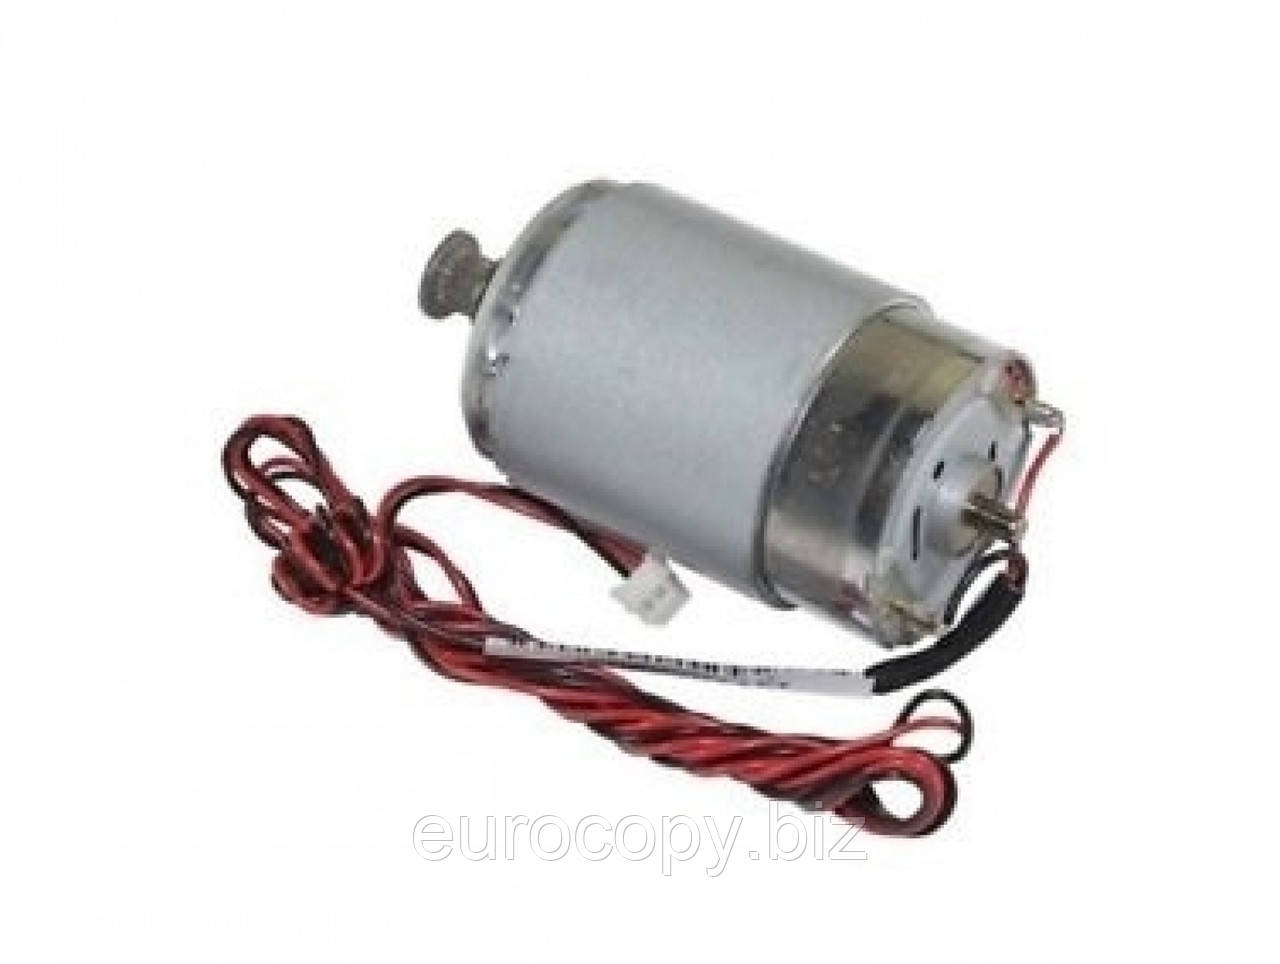 Двигун (мотор) каретки в зборі Epson Stylus Photo R285, R295, R290, P50, T50, T59 L800 (2116693)